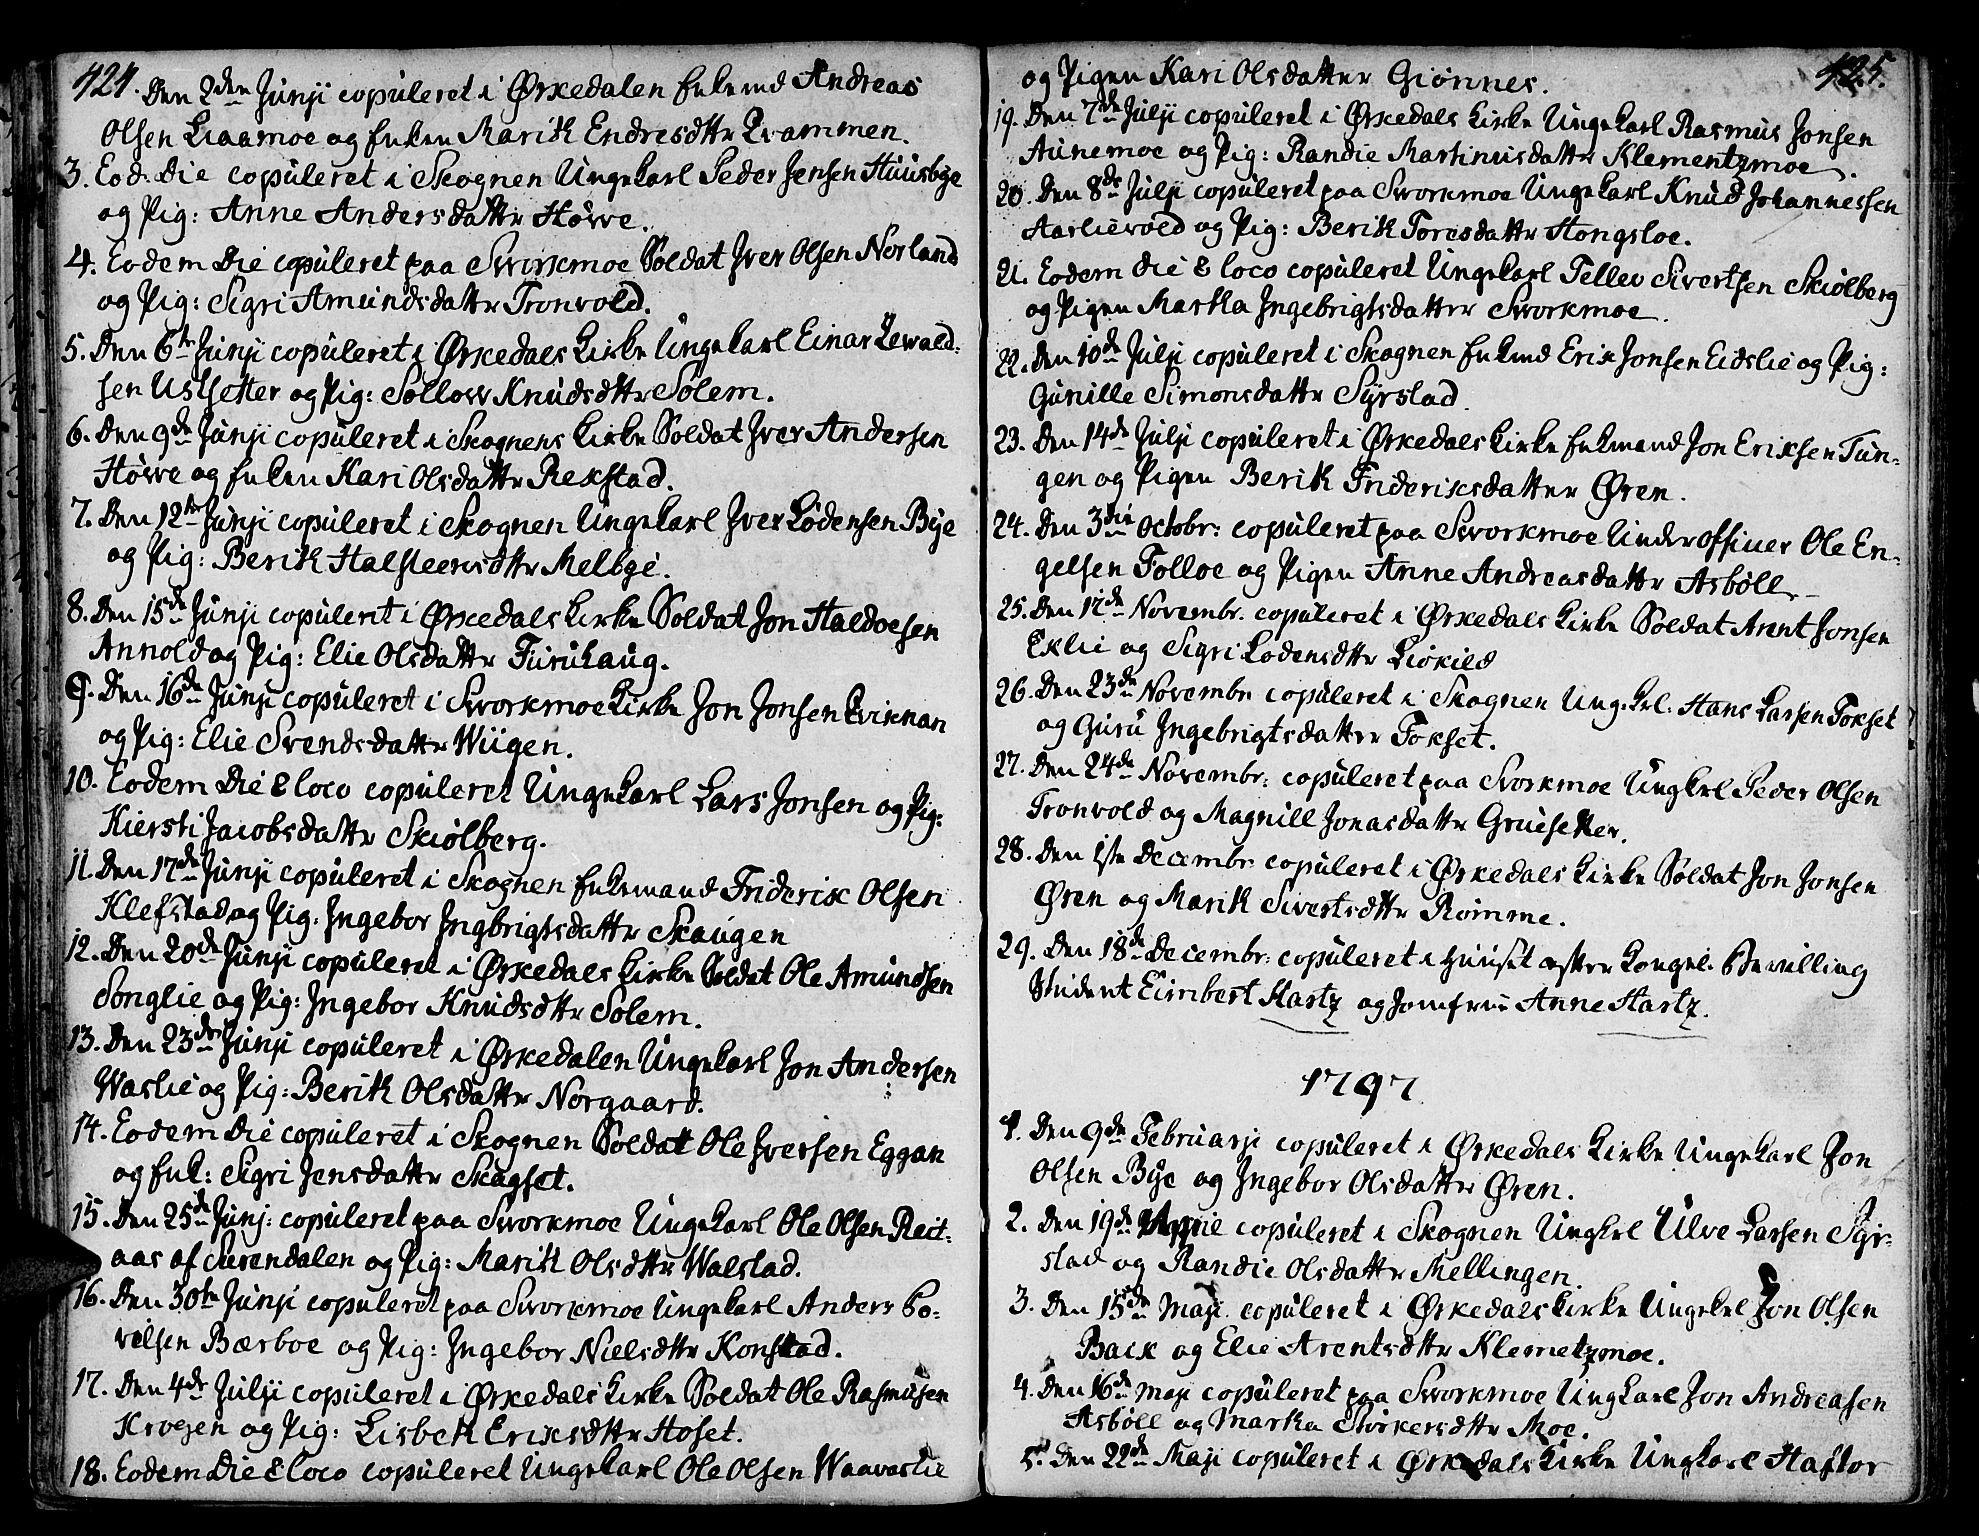 SAT, Ministerialprotokoller, klokkerbøker og fødselsregistre - Sør-Trøndelag, 668/L0802: Ministerialbok nr. 668A02, 1776-1799, s. 424-425